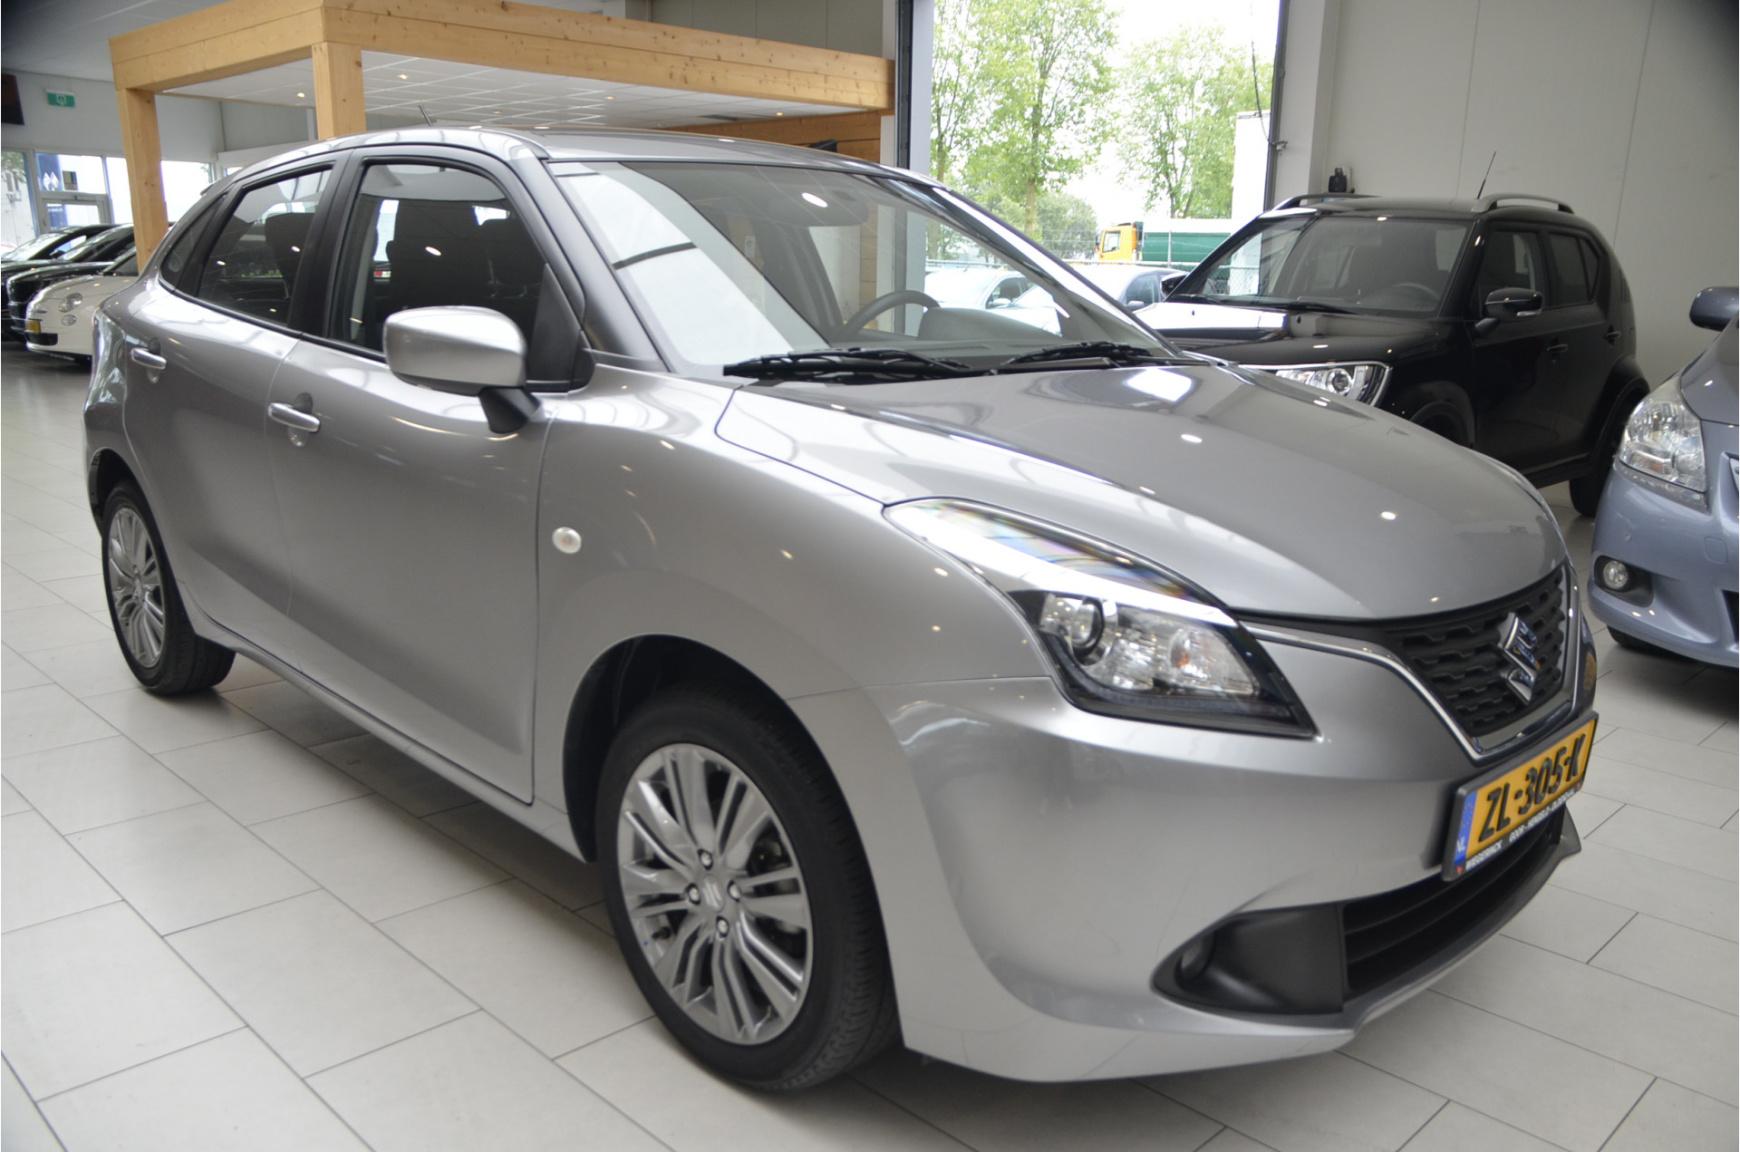 Suzuki-Baleno-8